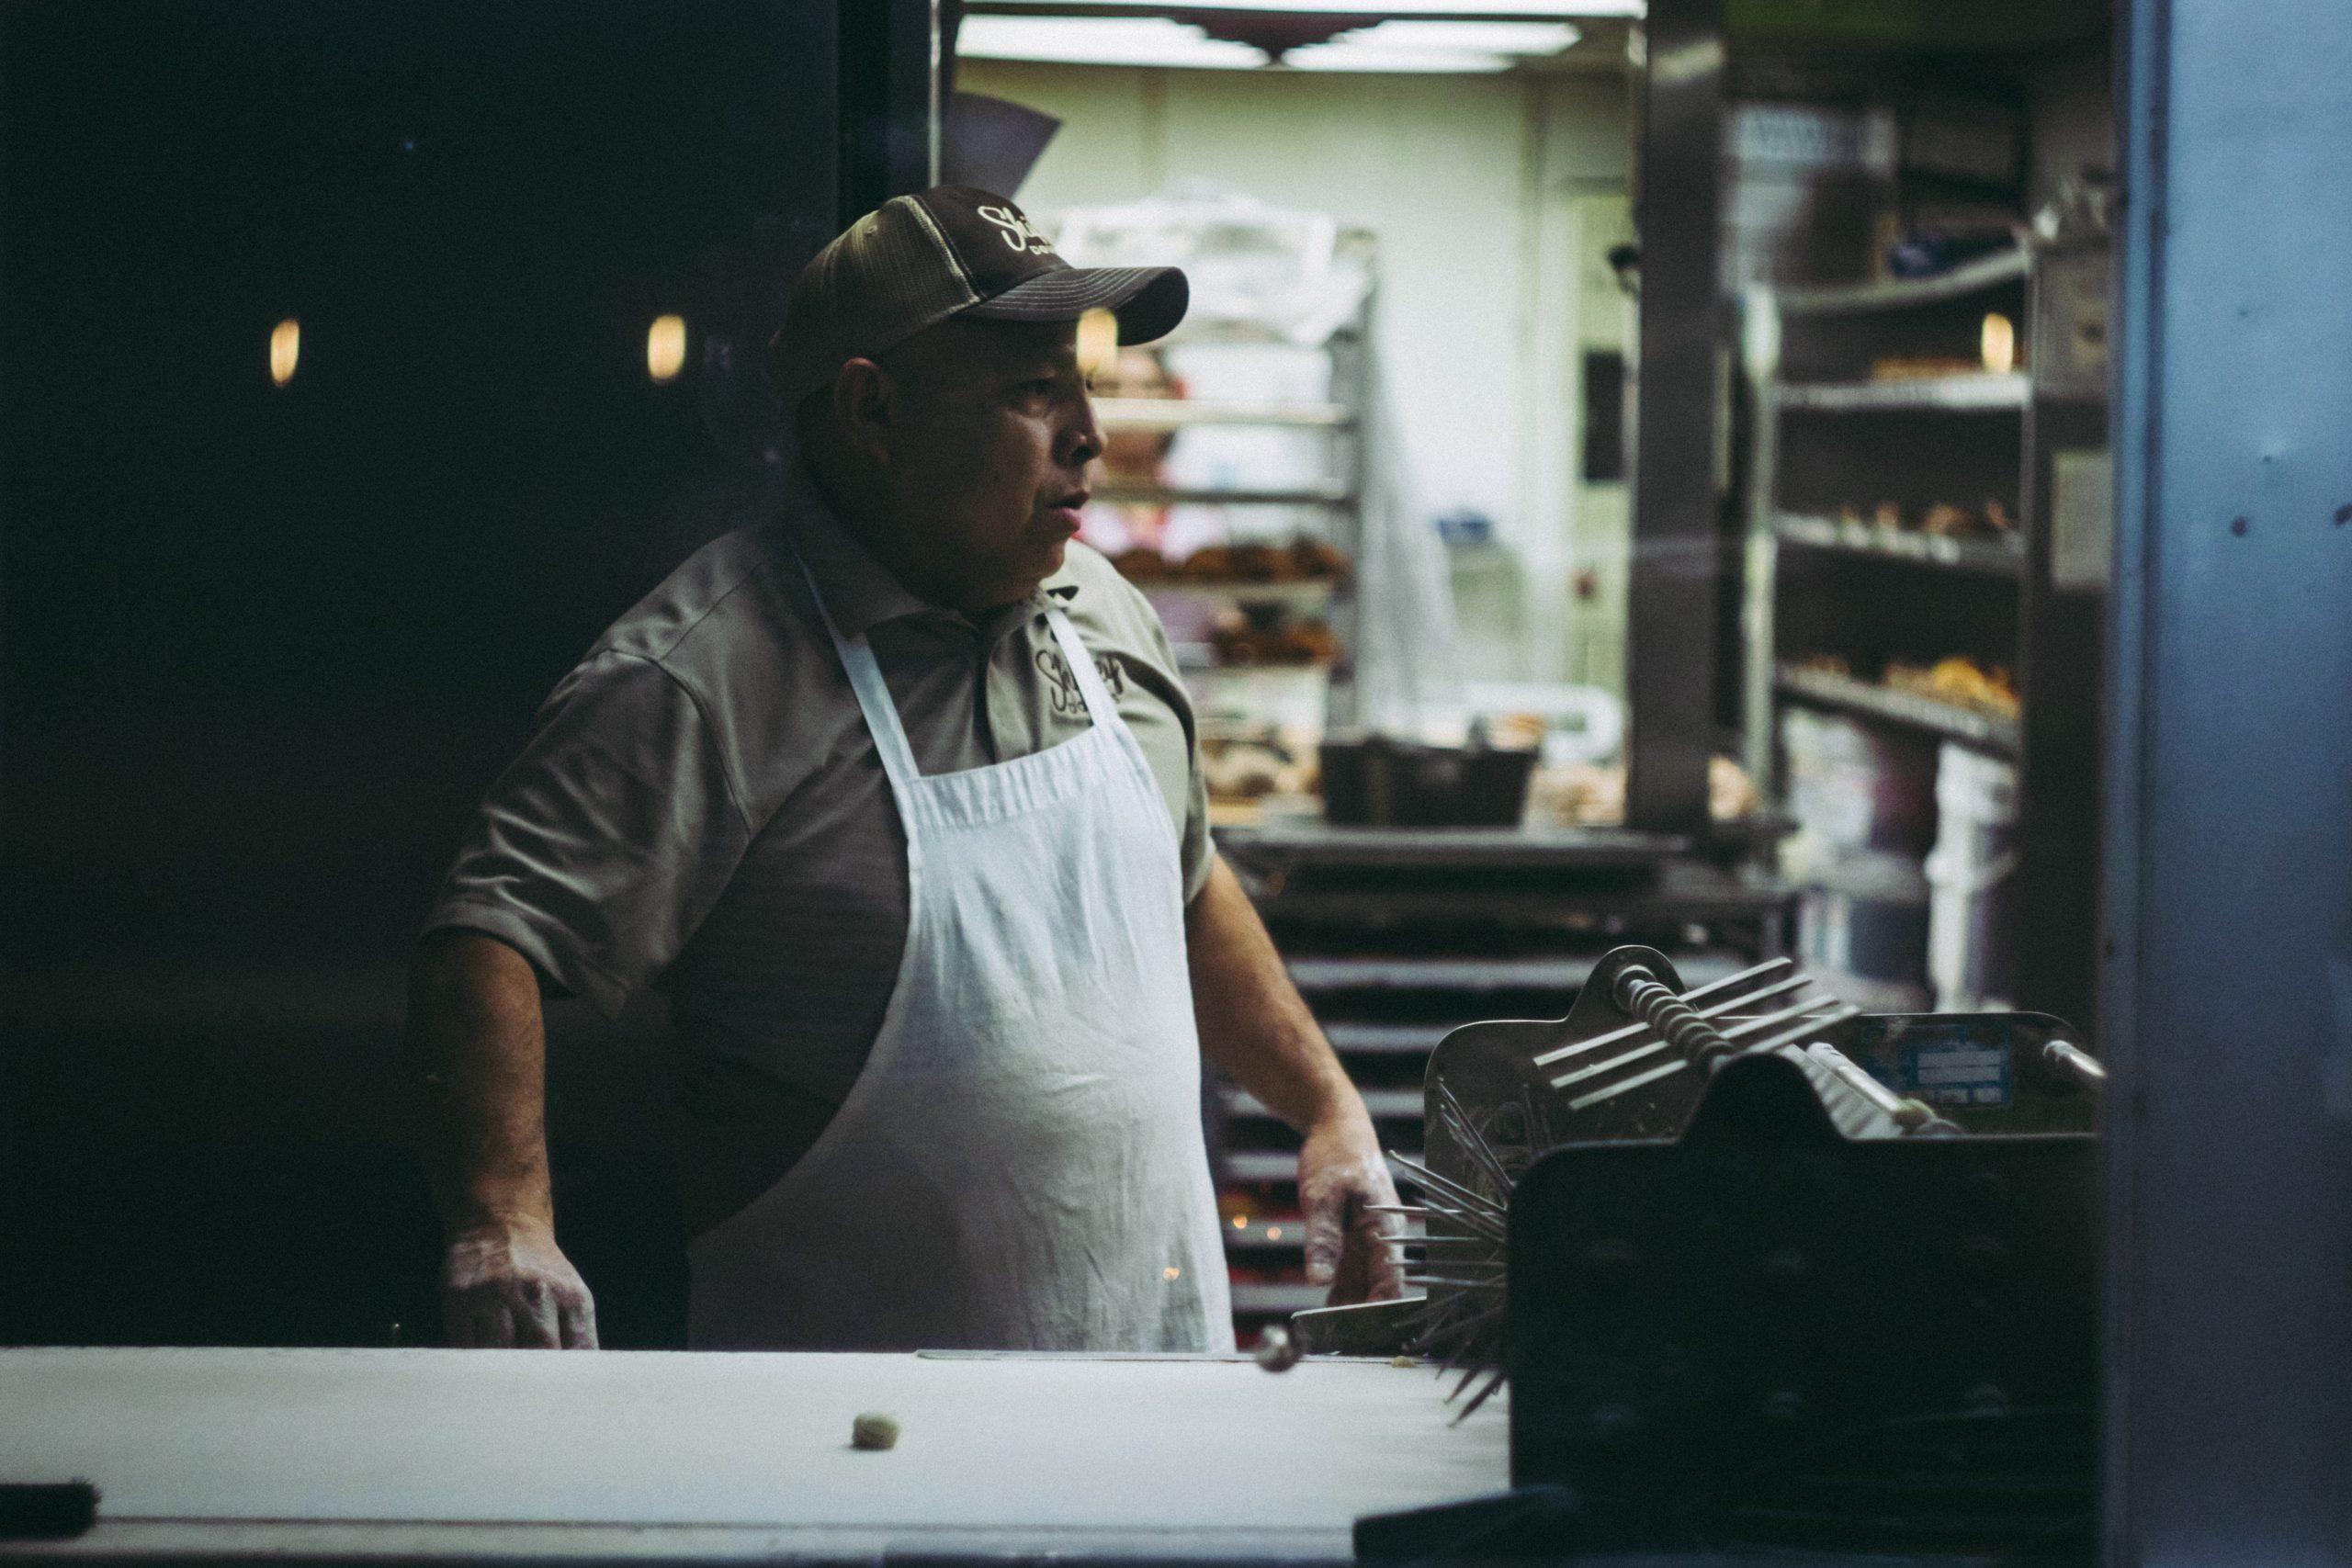 Foto de um homem olhando para o lado, de avental branco e boné, trabalhando em uma cozinha de padaria.